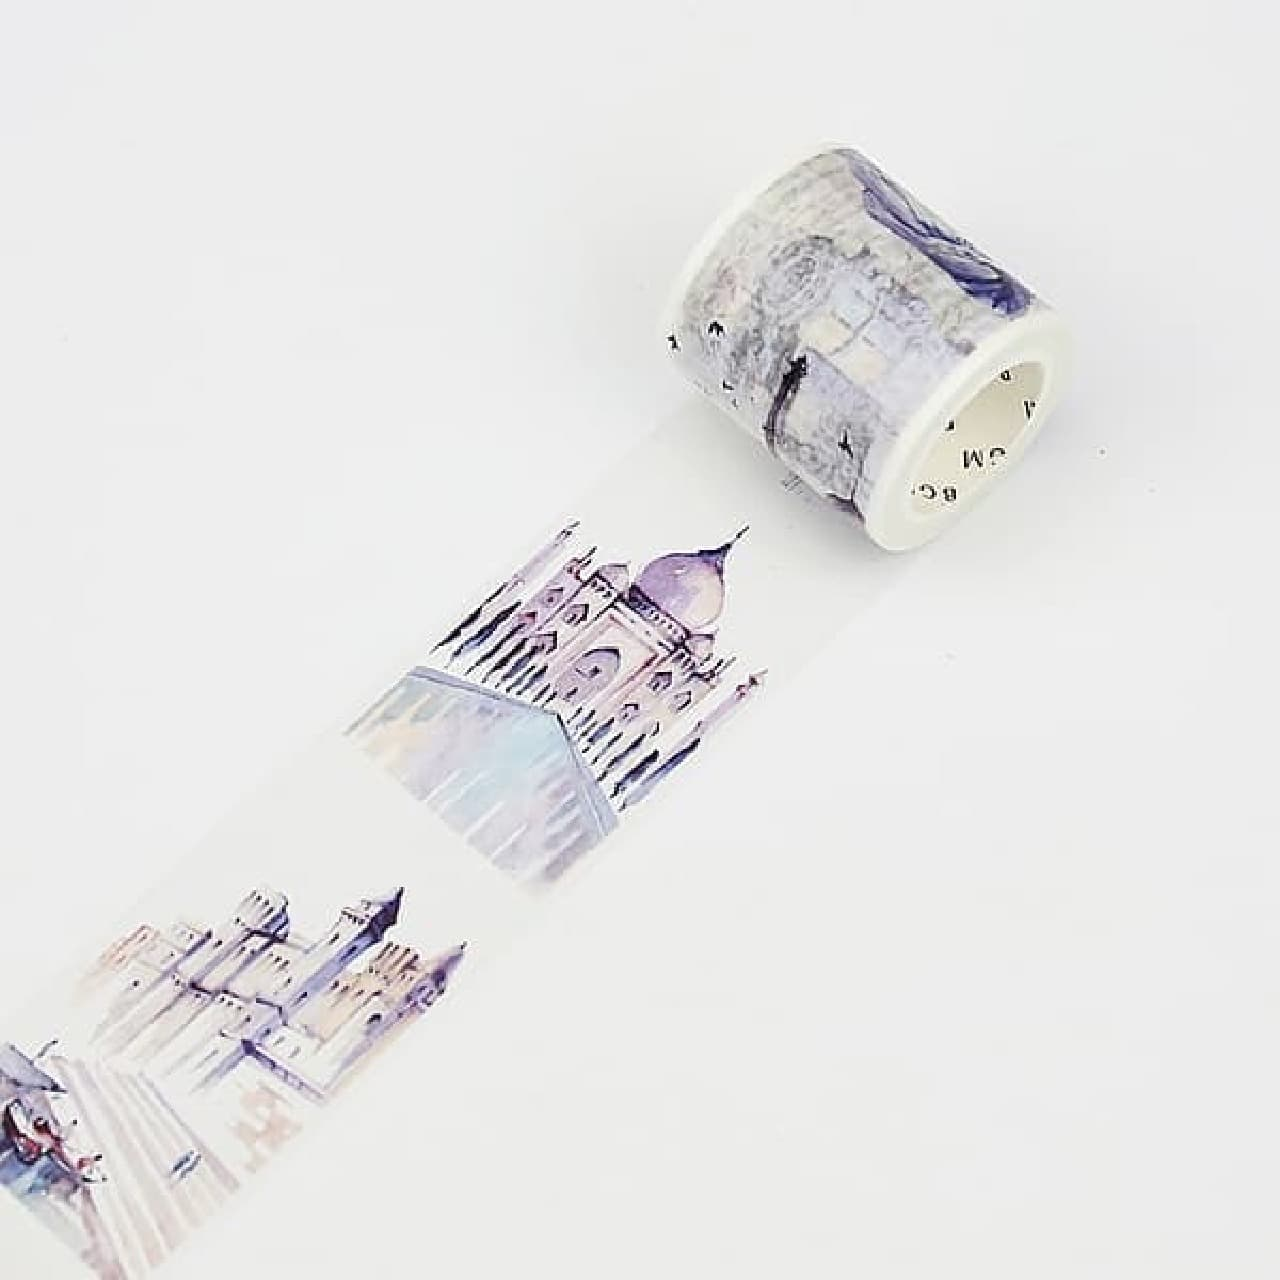 「旅するマスキングテープ」がヴィレヴァンオンラインに